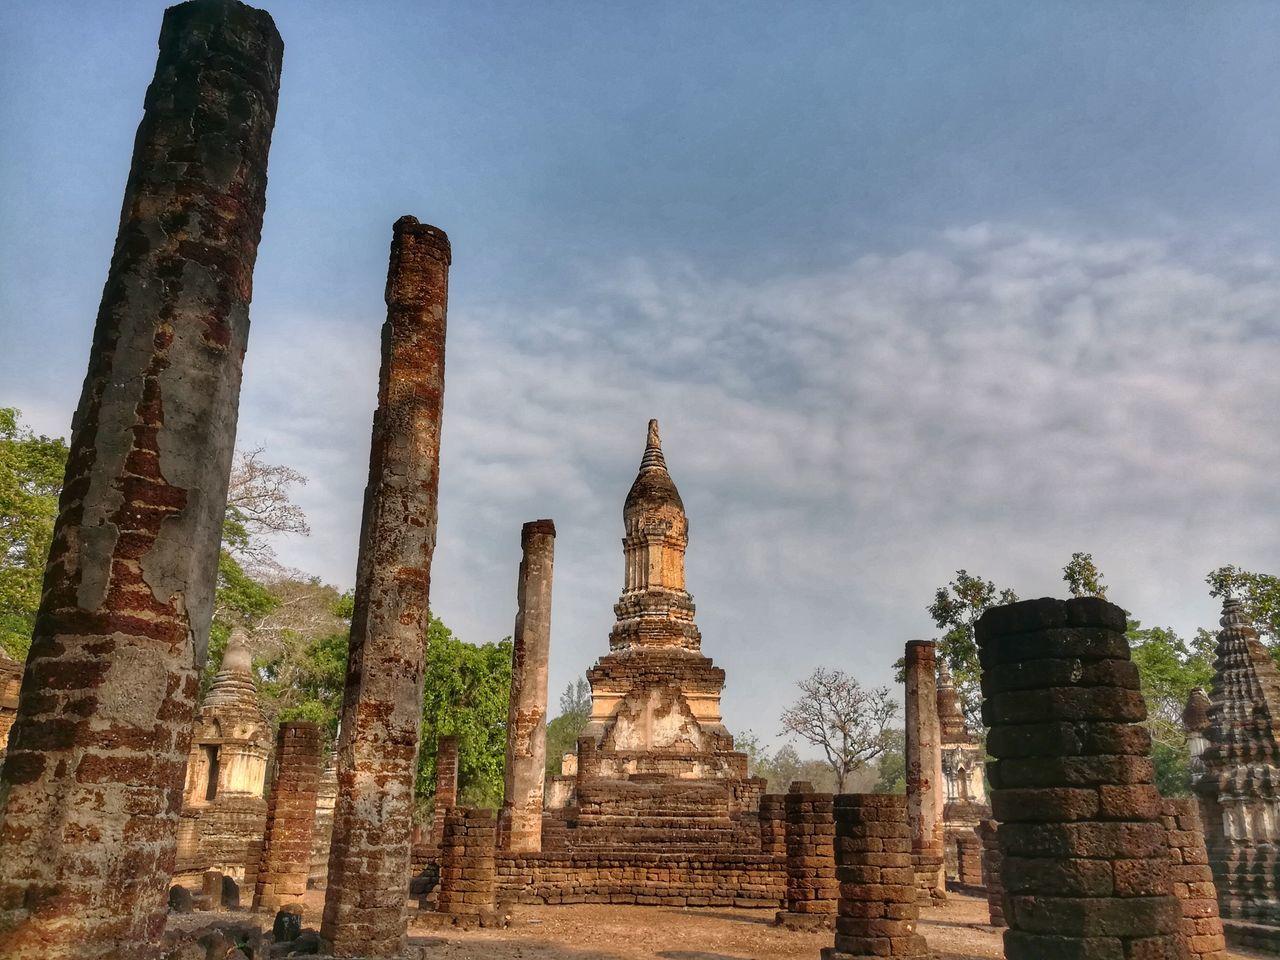 วัดเจดีย์เจ็ดแถว Religion Architecture Place Of Worship Agriculture Holly History Place Tourism Architecture Huaweiphotography EyeEm Gallery Si Satchanalai Historical Park Sukhothai, Thailand